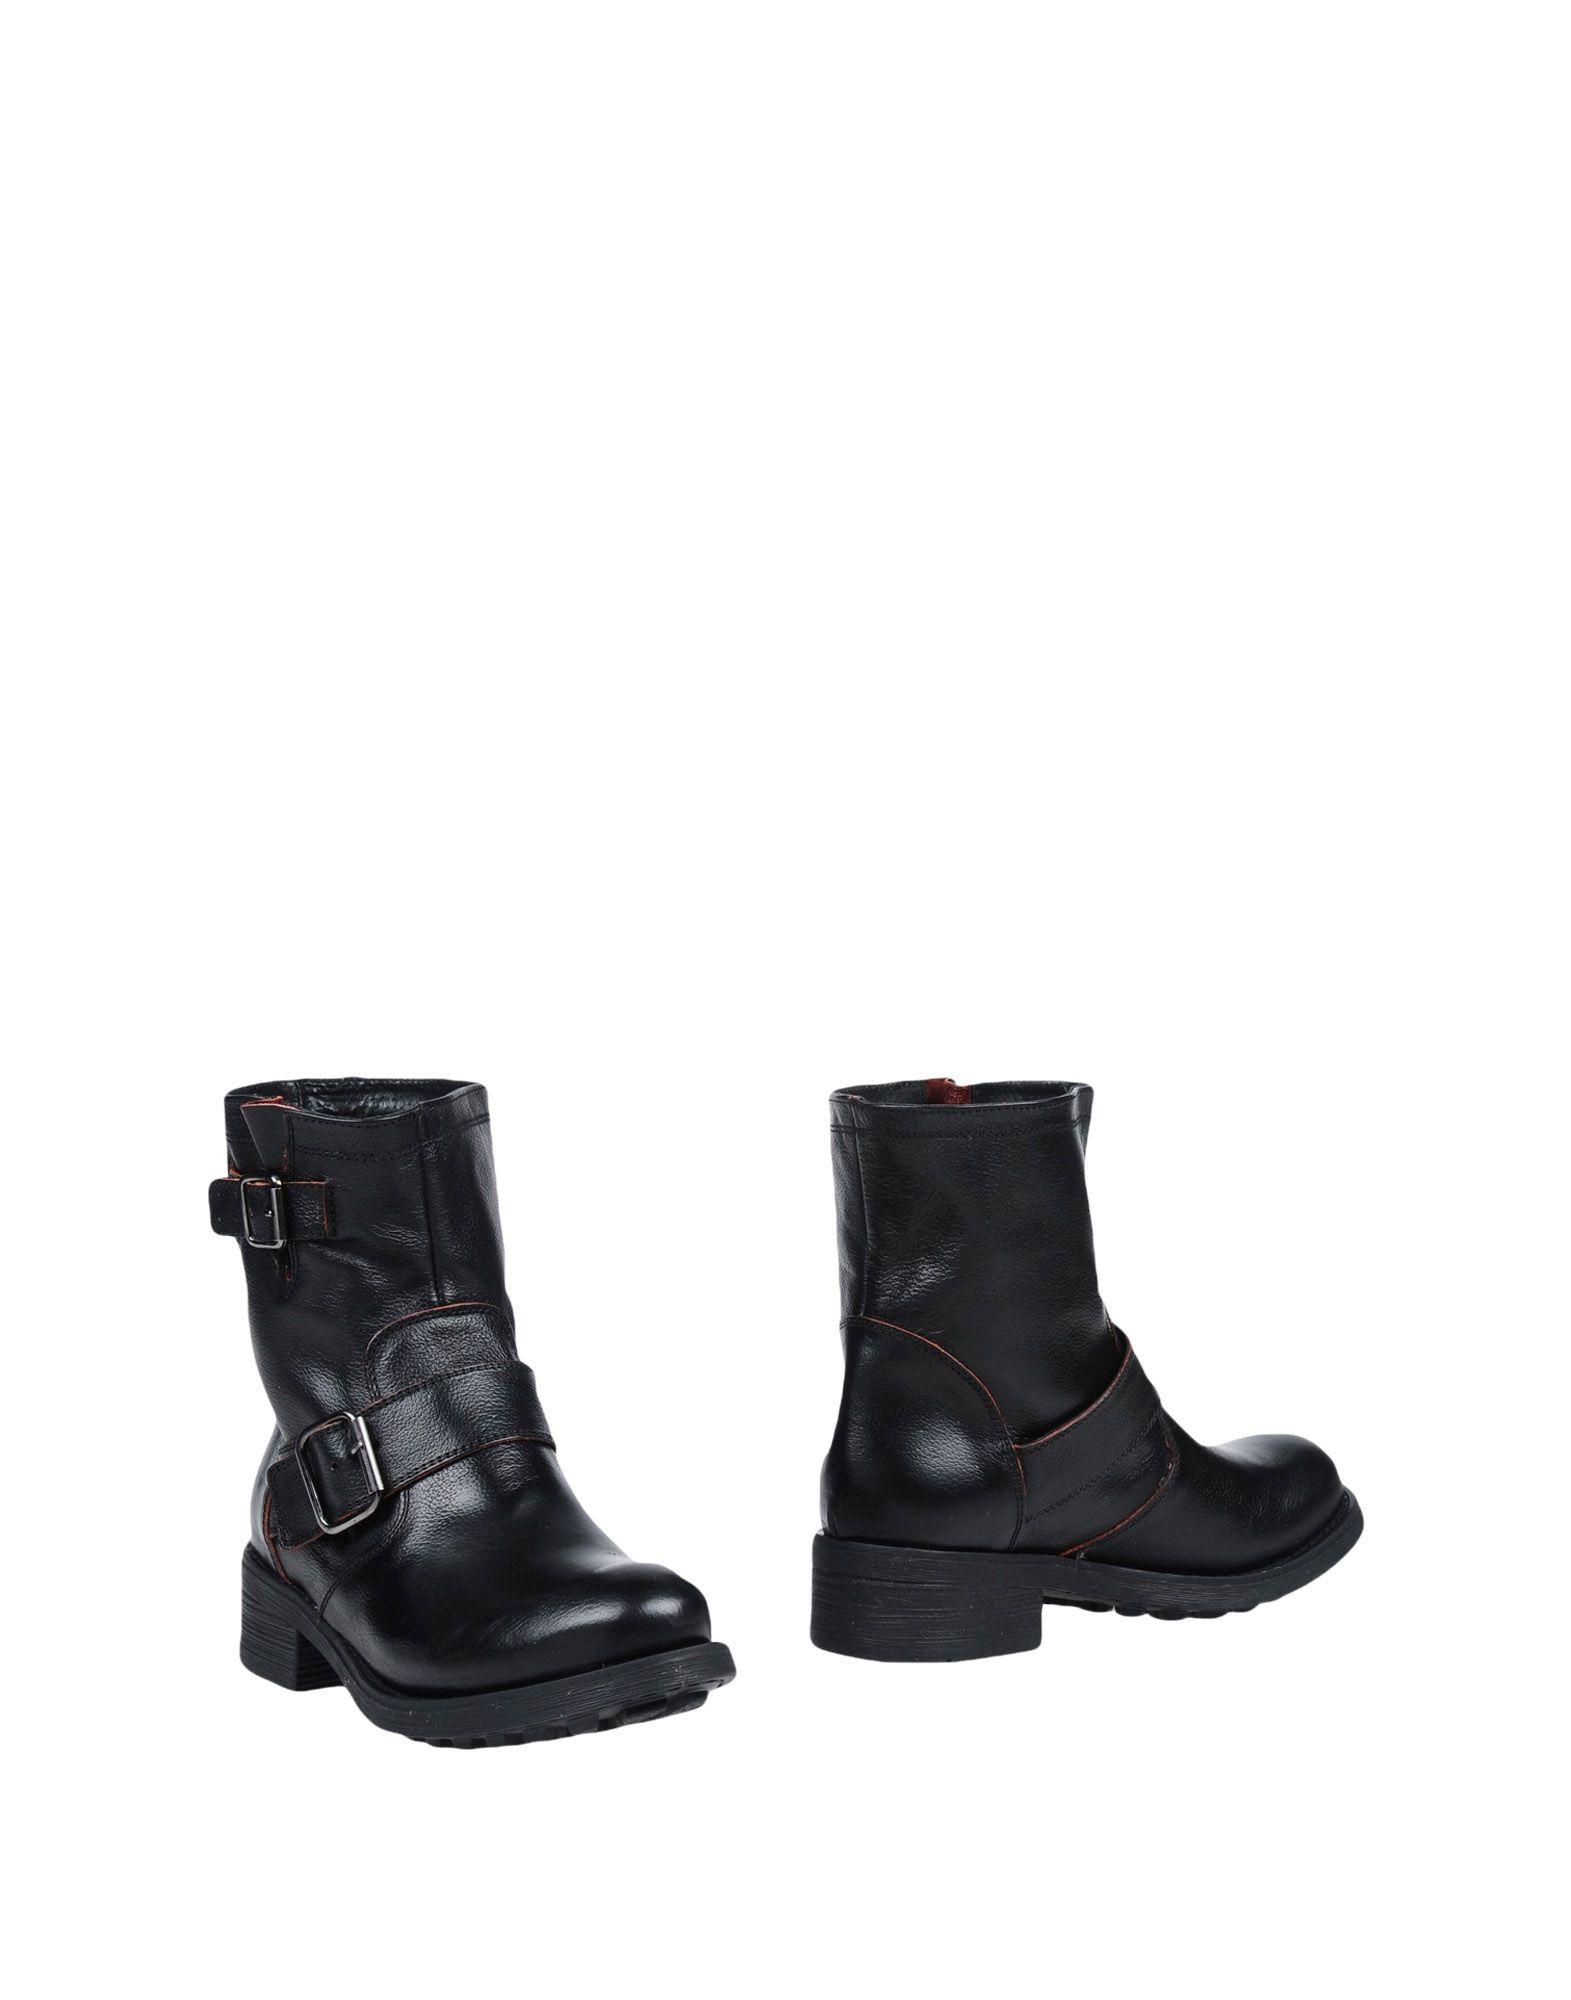 Manufacture D'essai Stiefelette Damen  11420687VP Gute Qualität beliebte Schuhe